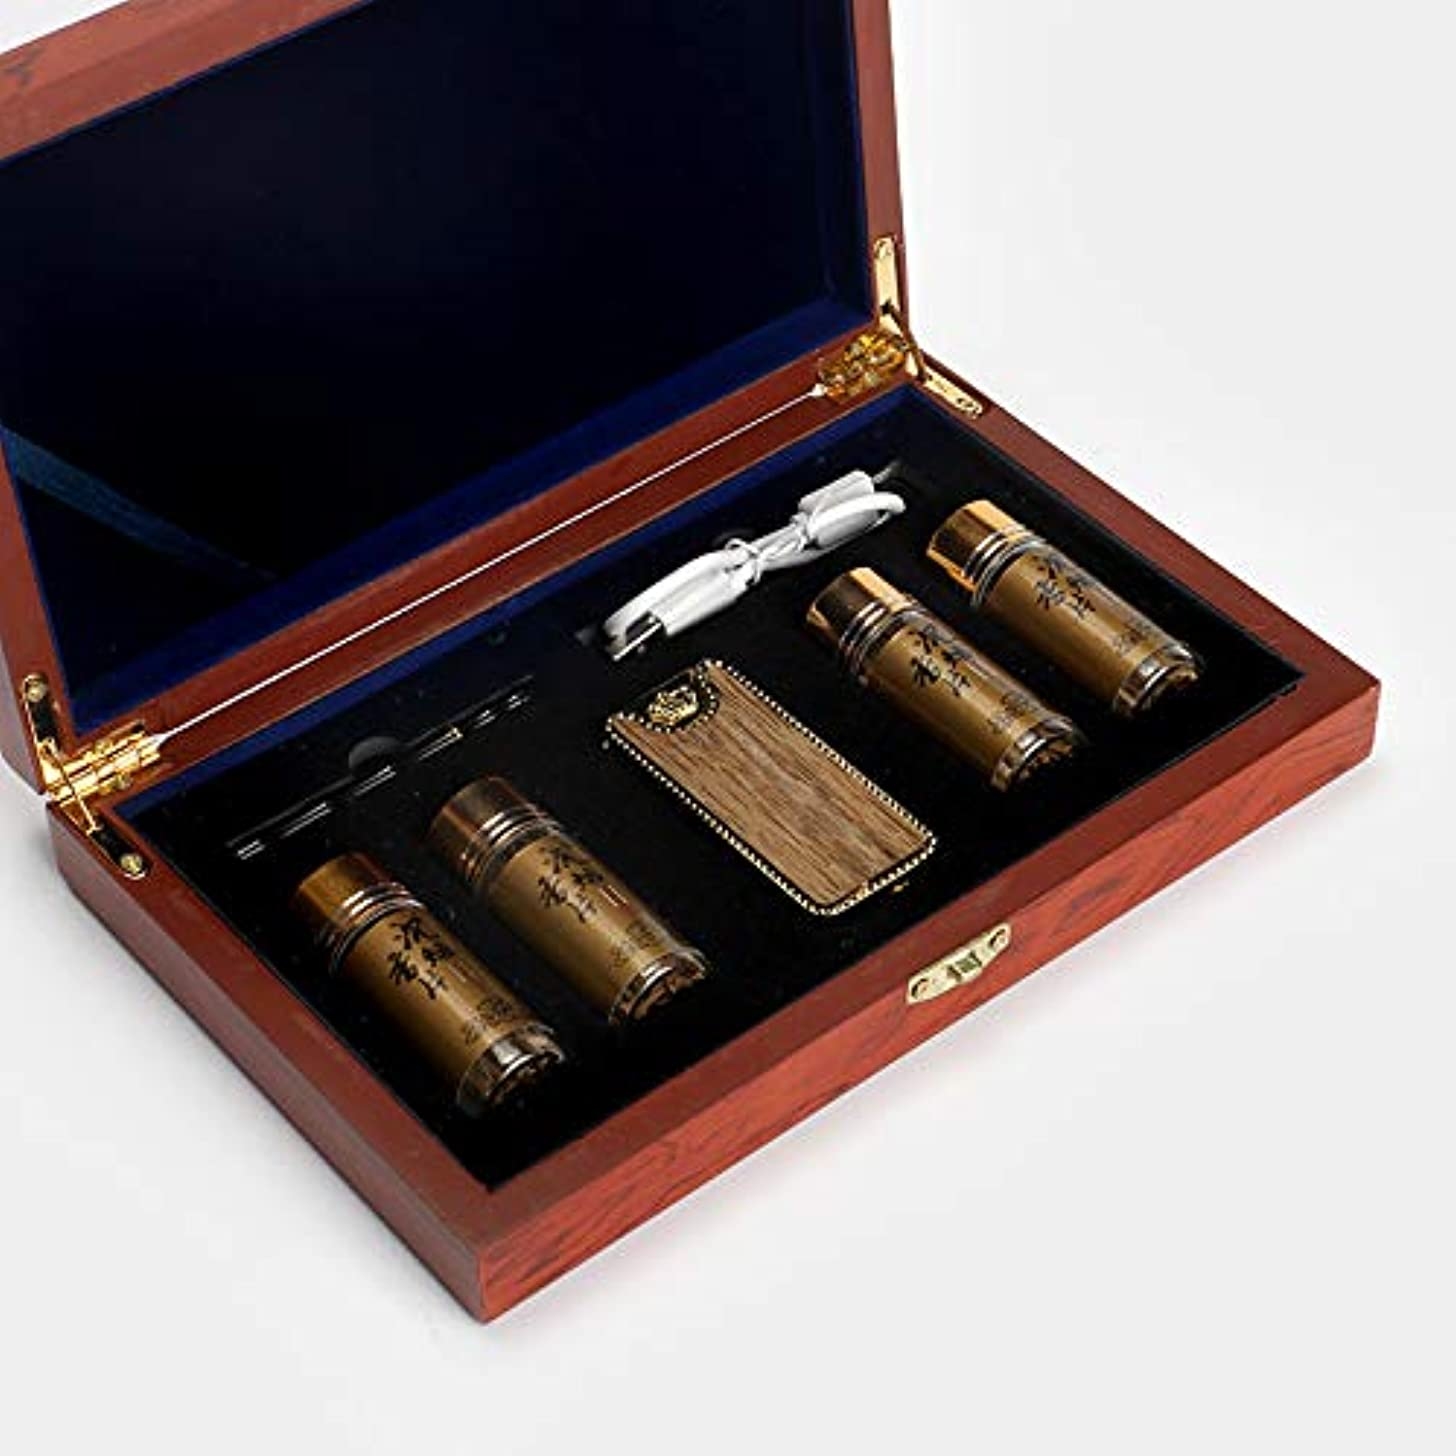 クリエイティブサンプルヒュームDiatems - 五郎クラフトベトナムニャチャンシェンタバコの煙を挿入ギフトボックスShenxiang錠4本のボトル包装